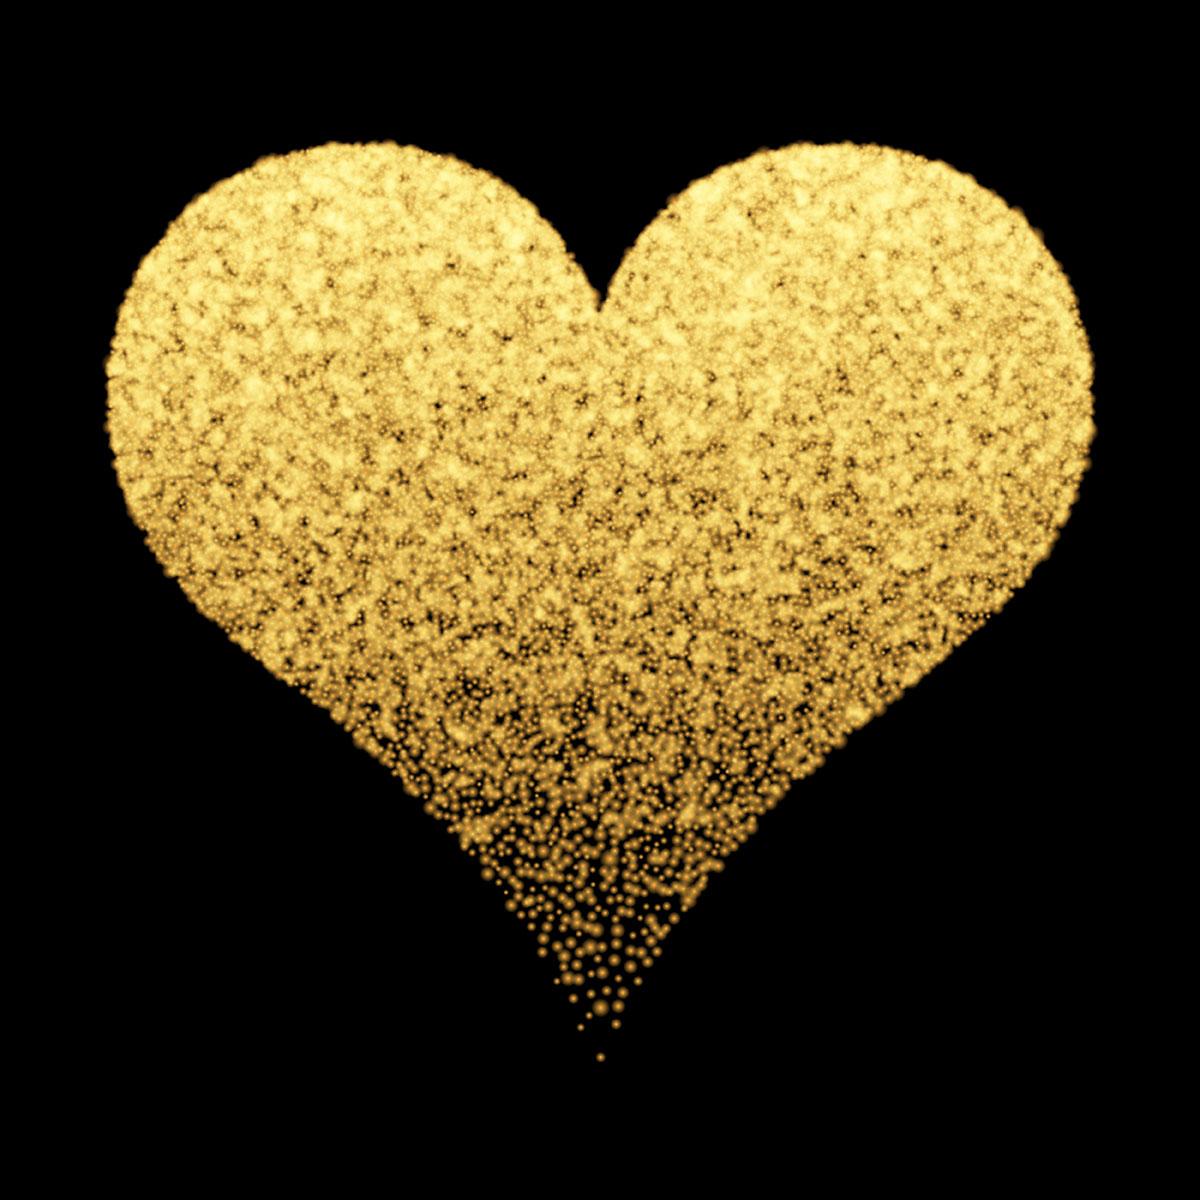 1200x1200 Gold Heart Free Vector Art